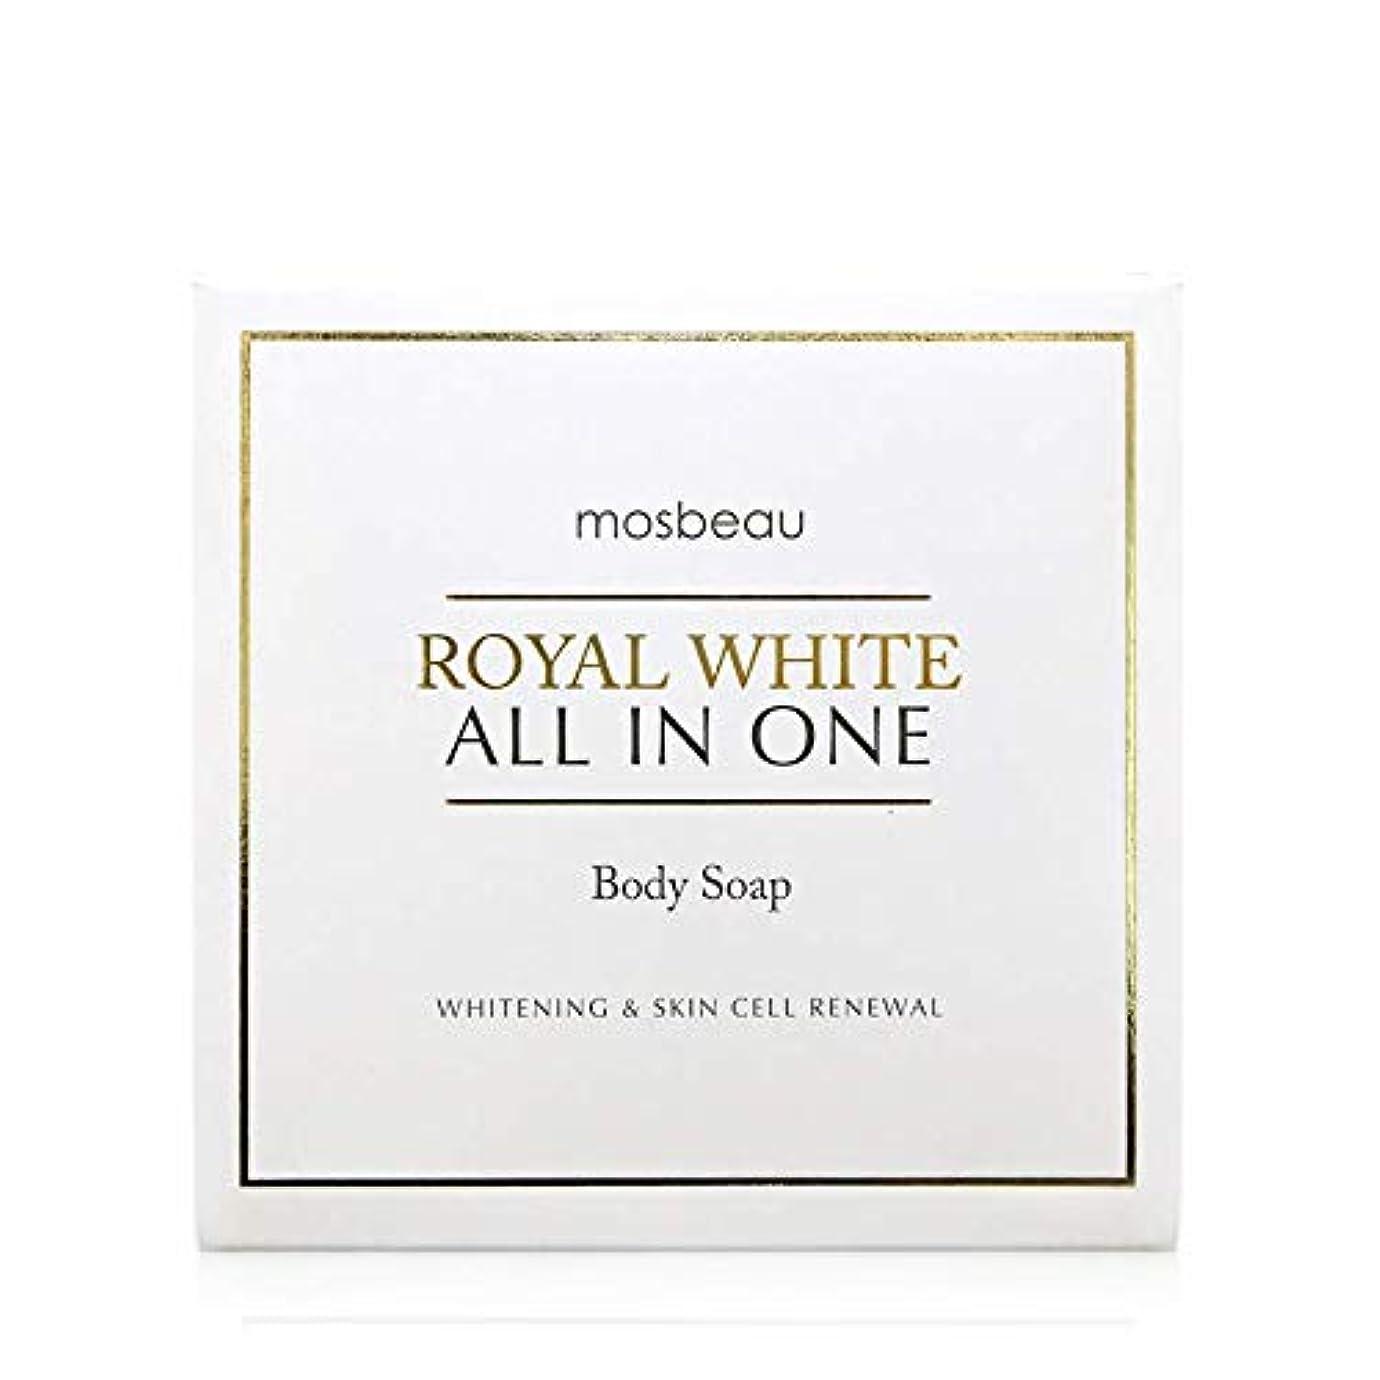 代理人検証ガレージmosbeau ROYAL WHITE ALL-IN-ONE BODY SOAP 100g ロィヤルホワイトオールインワンボディーソープ